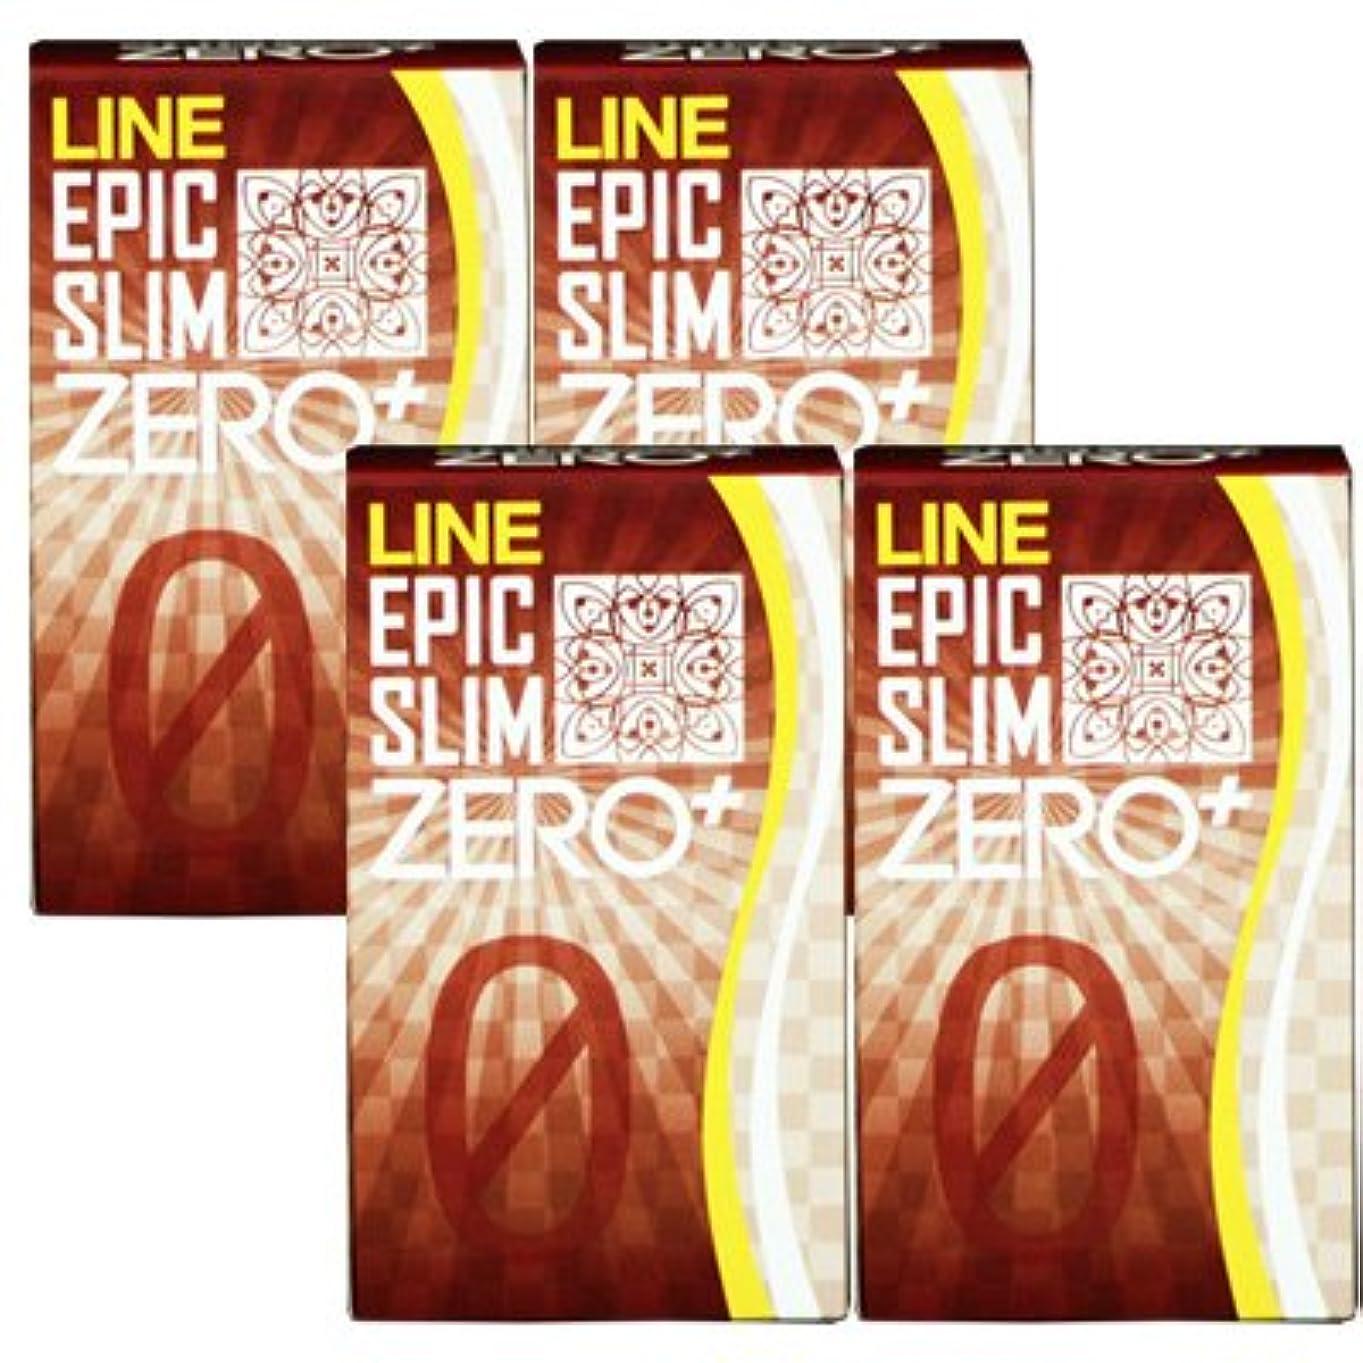 住むダム合併症LINE エピックスリム ゼロ PLUS 4個セット Line Epic Slim ZERO PLUS ×4個